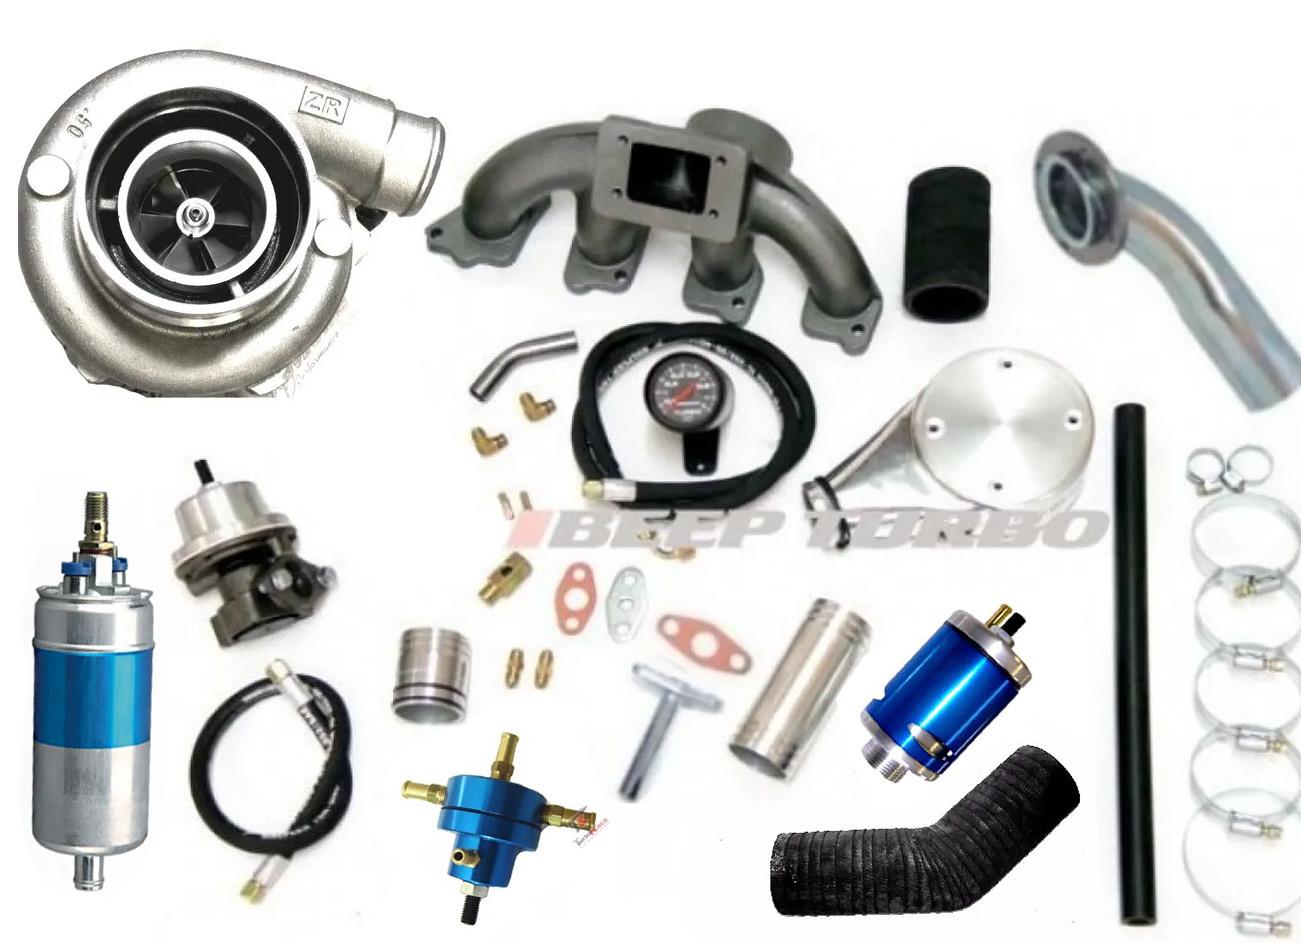 Kit Turbo GM Chevette 1.6 Turbina P50 Carburador 460 Bomba 12 Bar